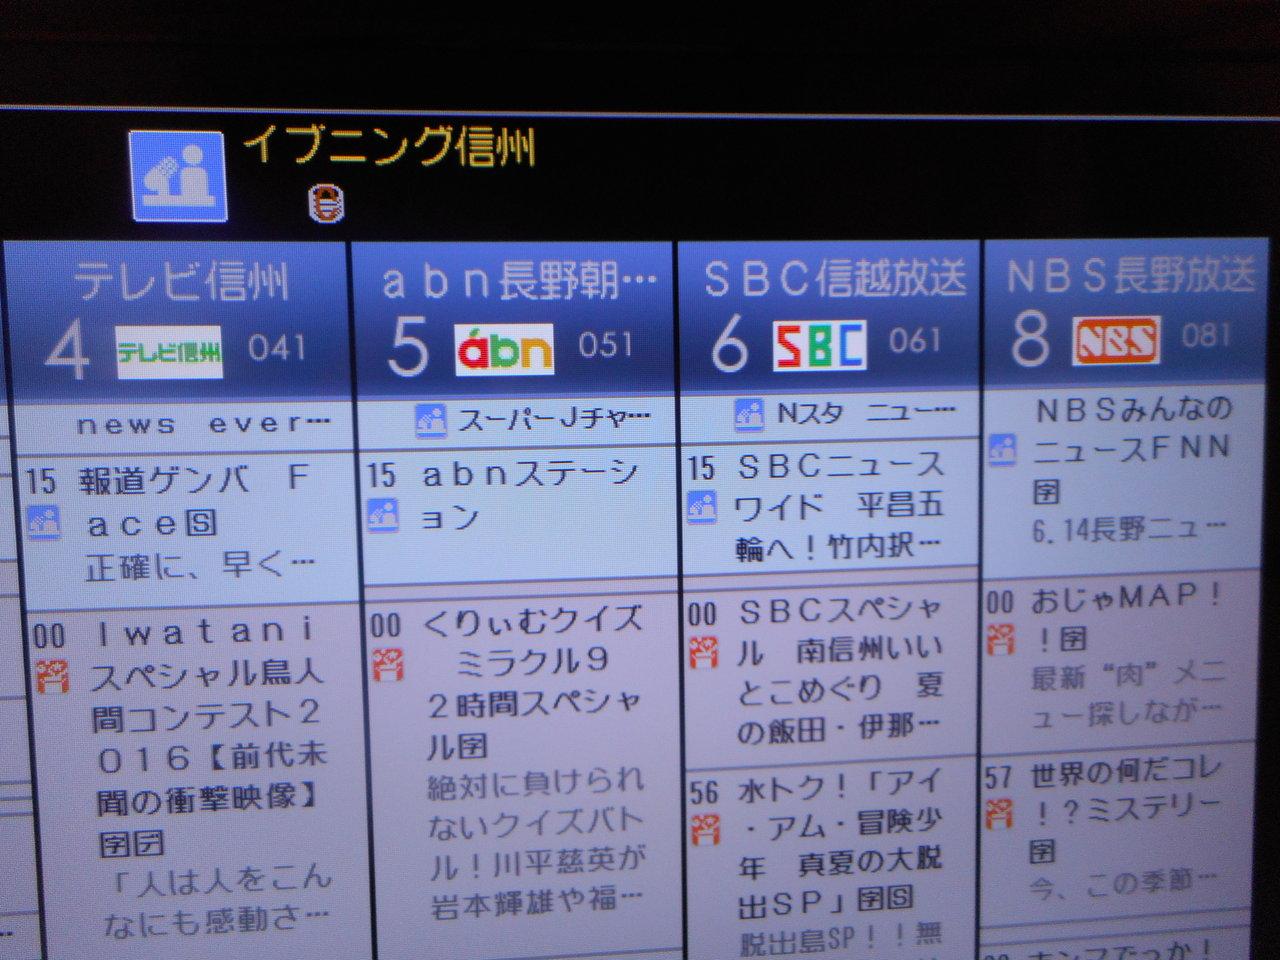 長野 県 テレビ 番組 表